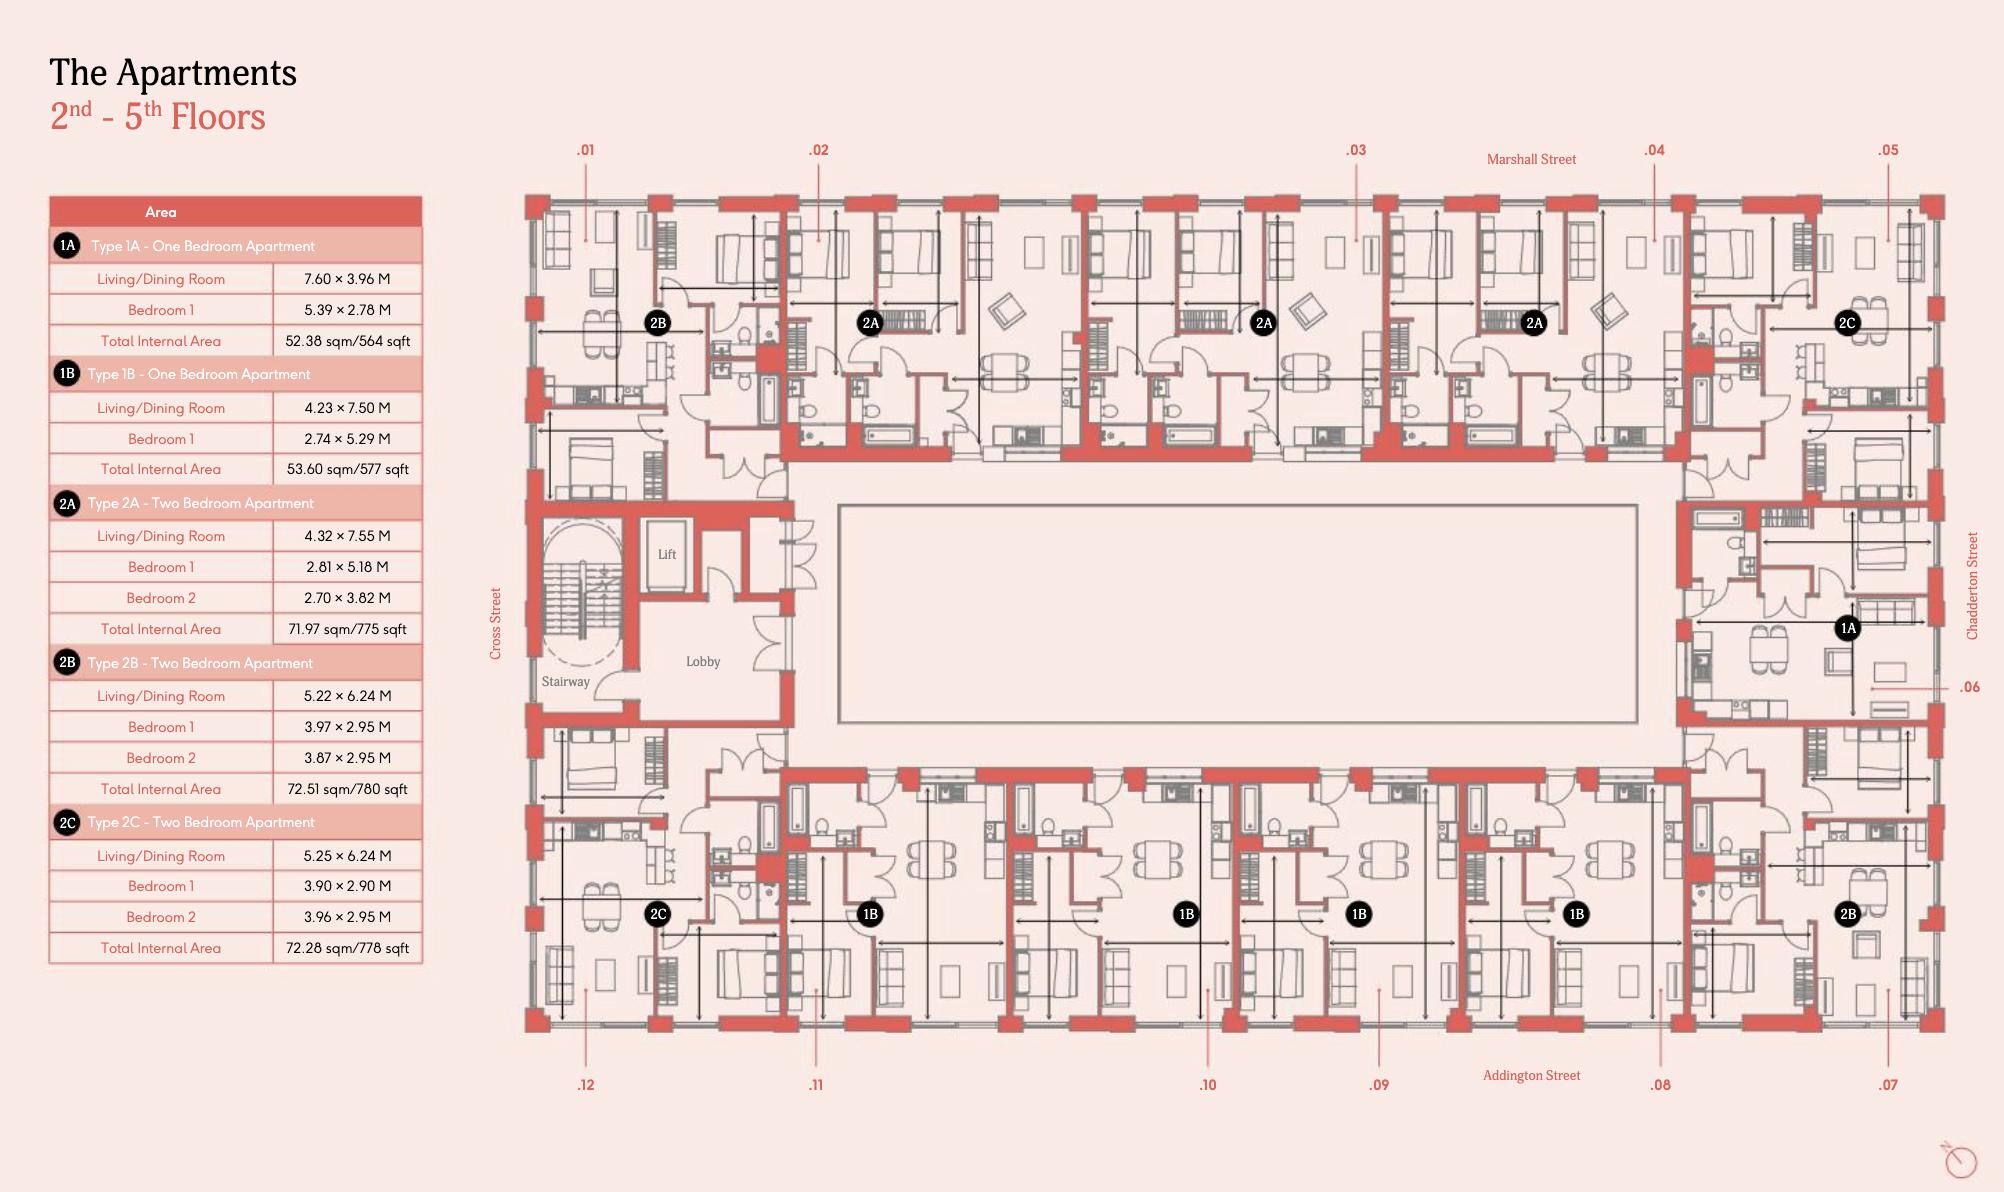 2nd Floor & 5th Floor